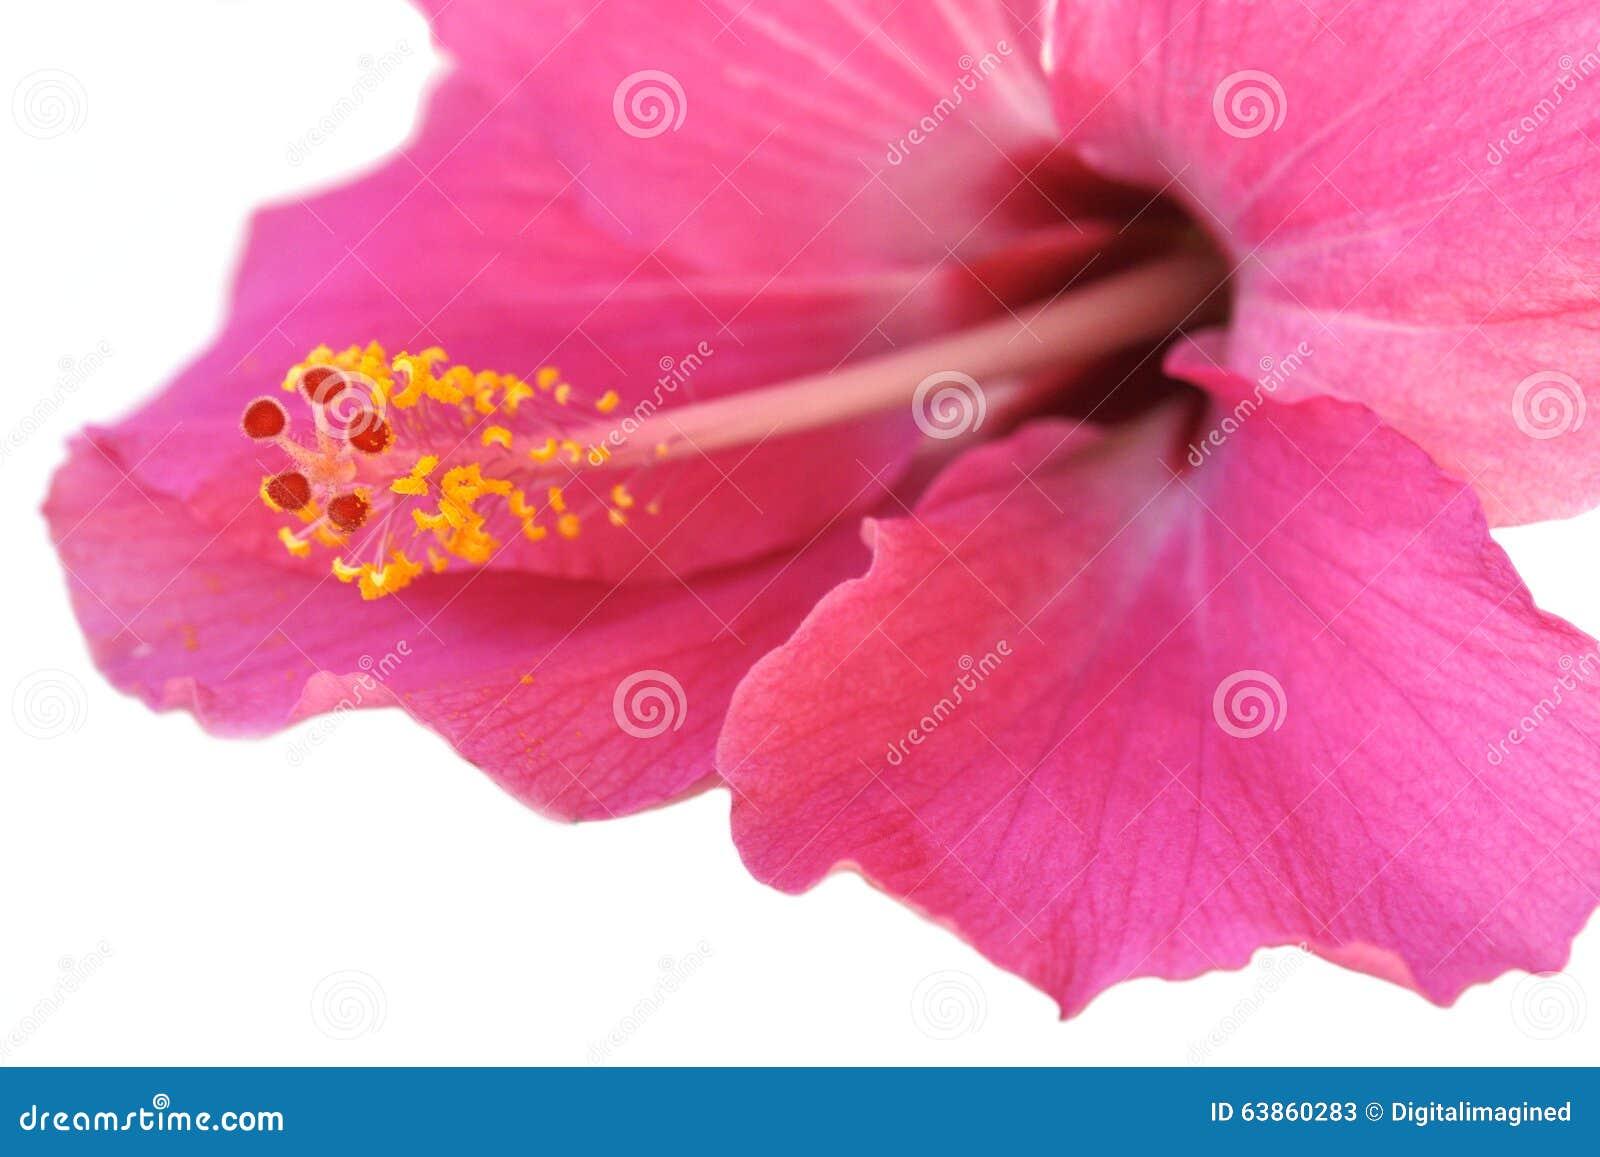 Hibiscus Stock Image Image Of Pollen Scar Pistil Hibiscus 63860283